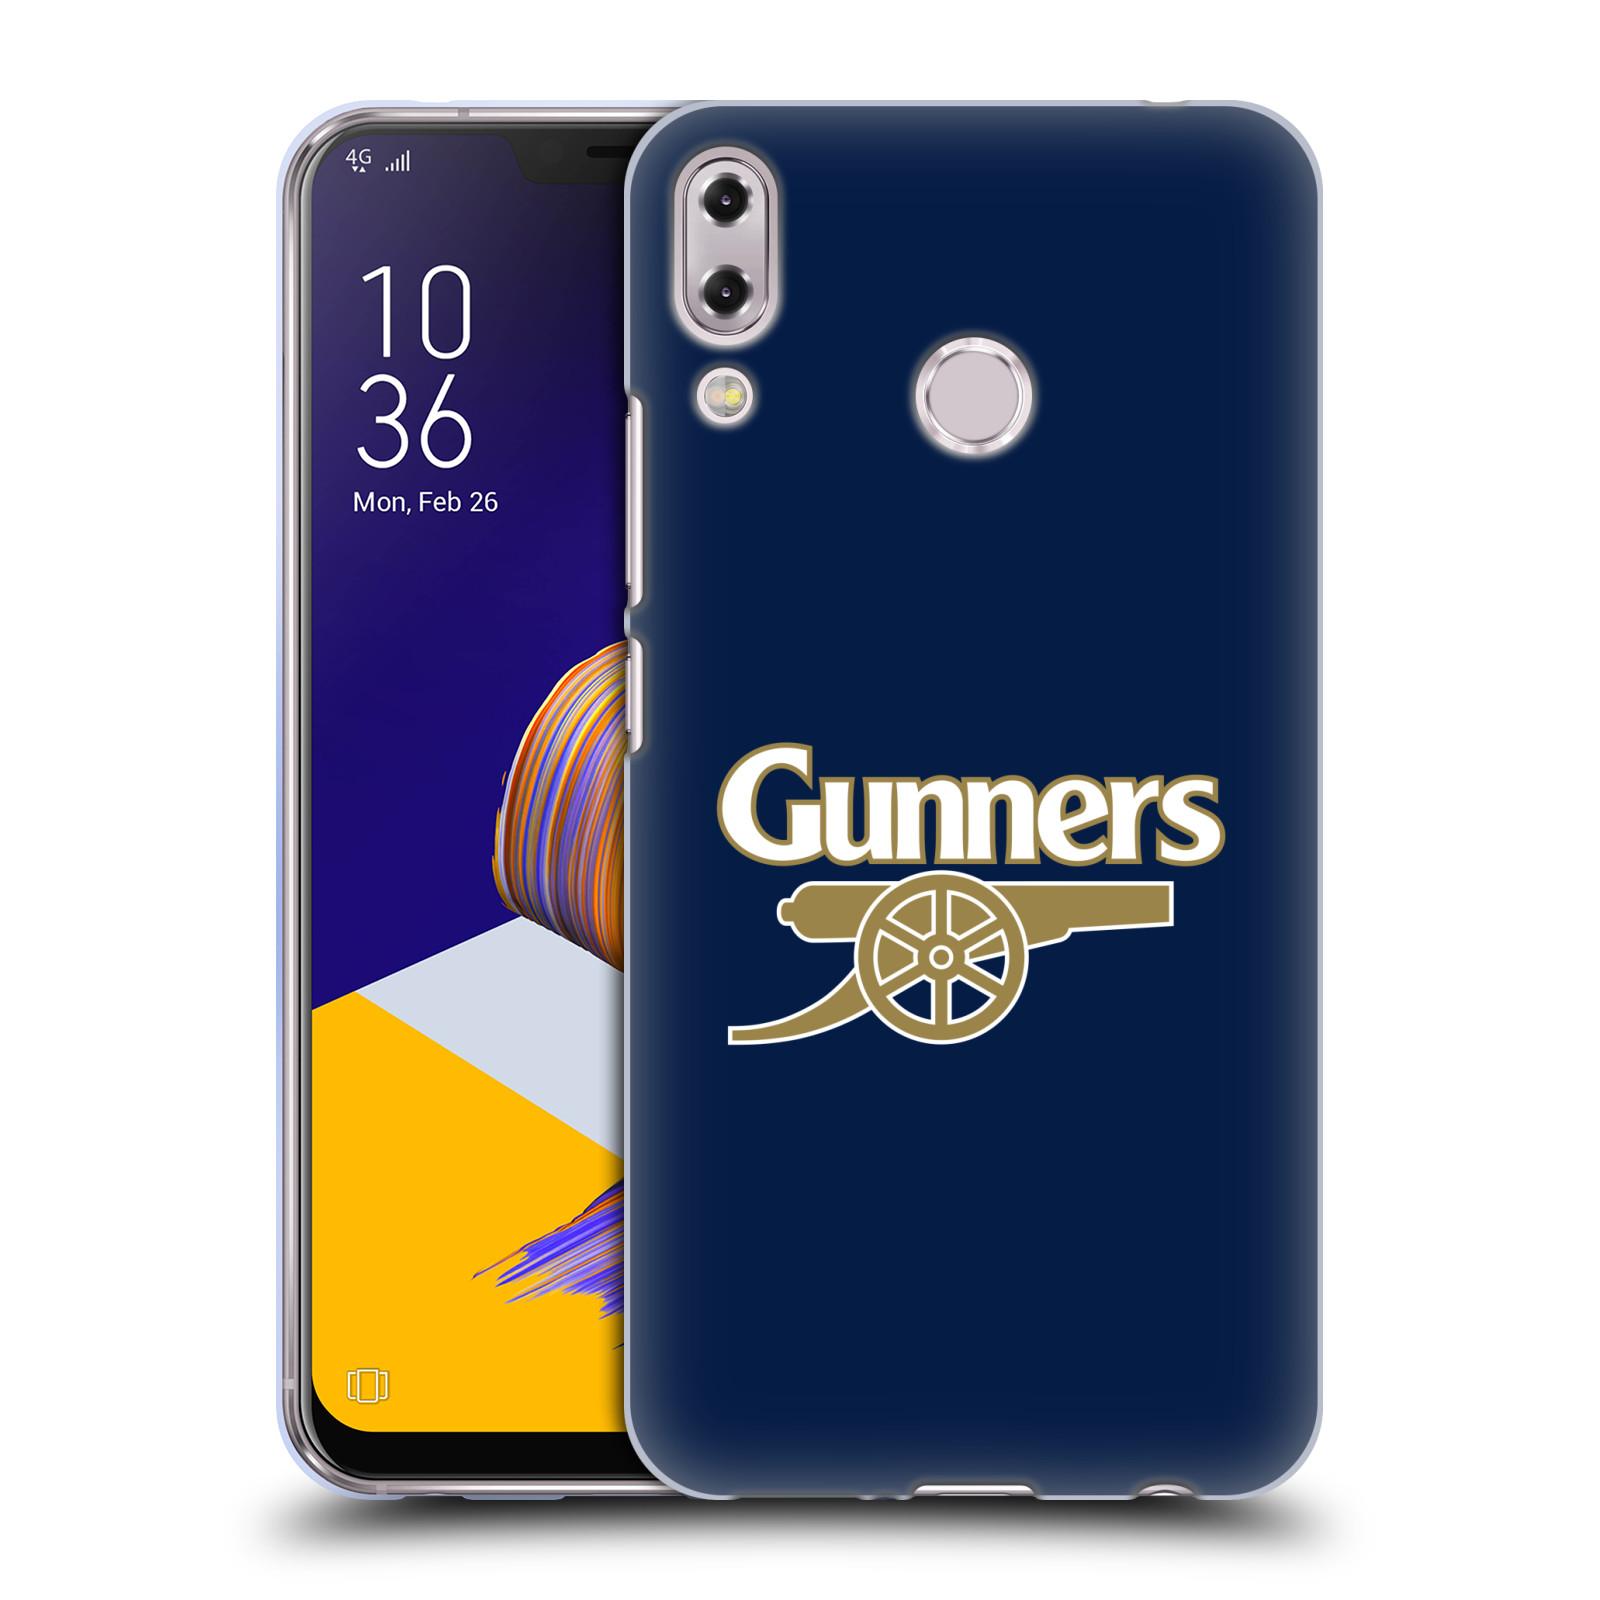 Silikonové pouzdro na mobil Asus ZenFone 5 ZE620KL - Head Case - Arsenal FC - Gunners